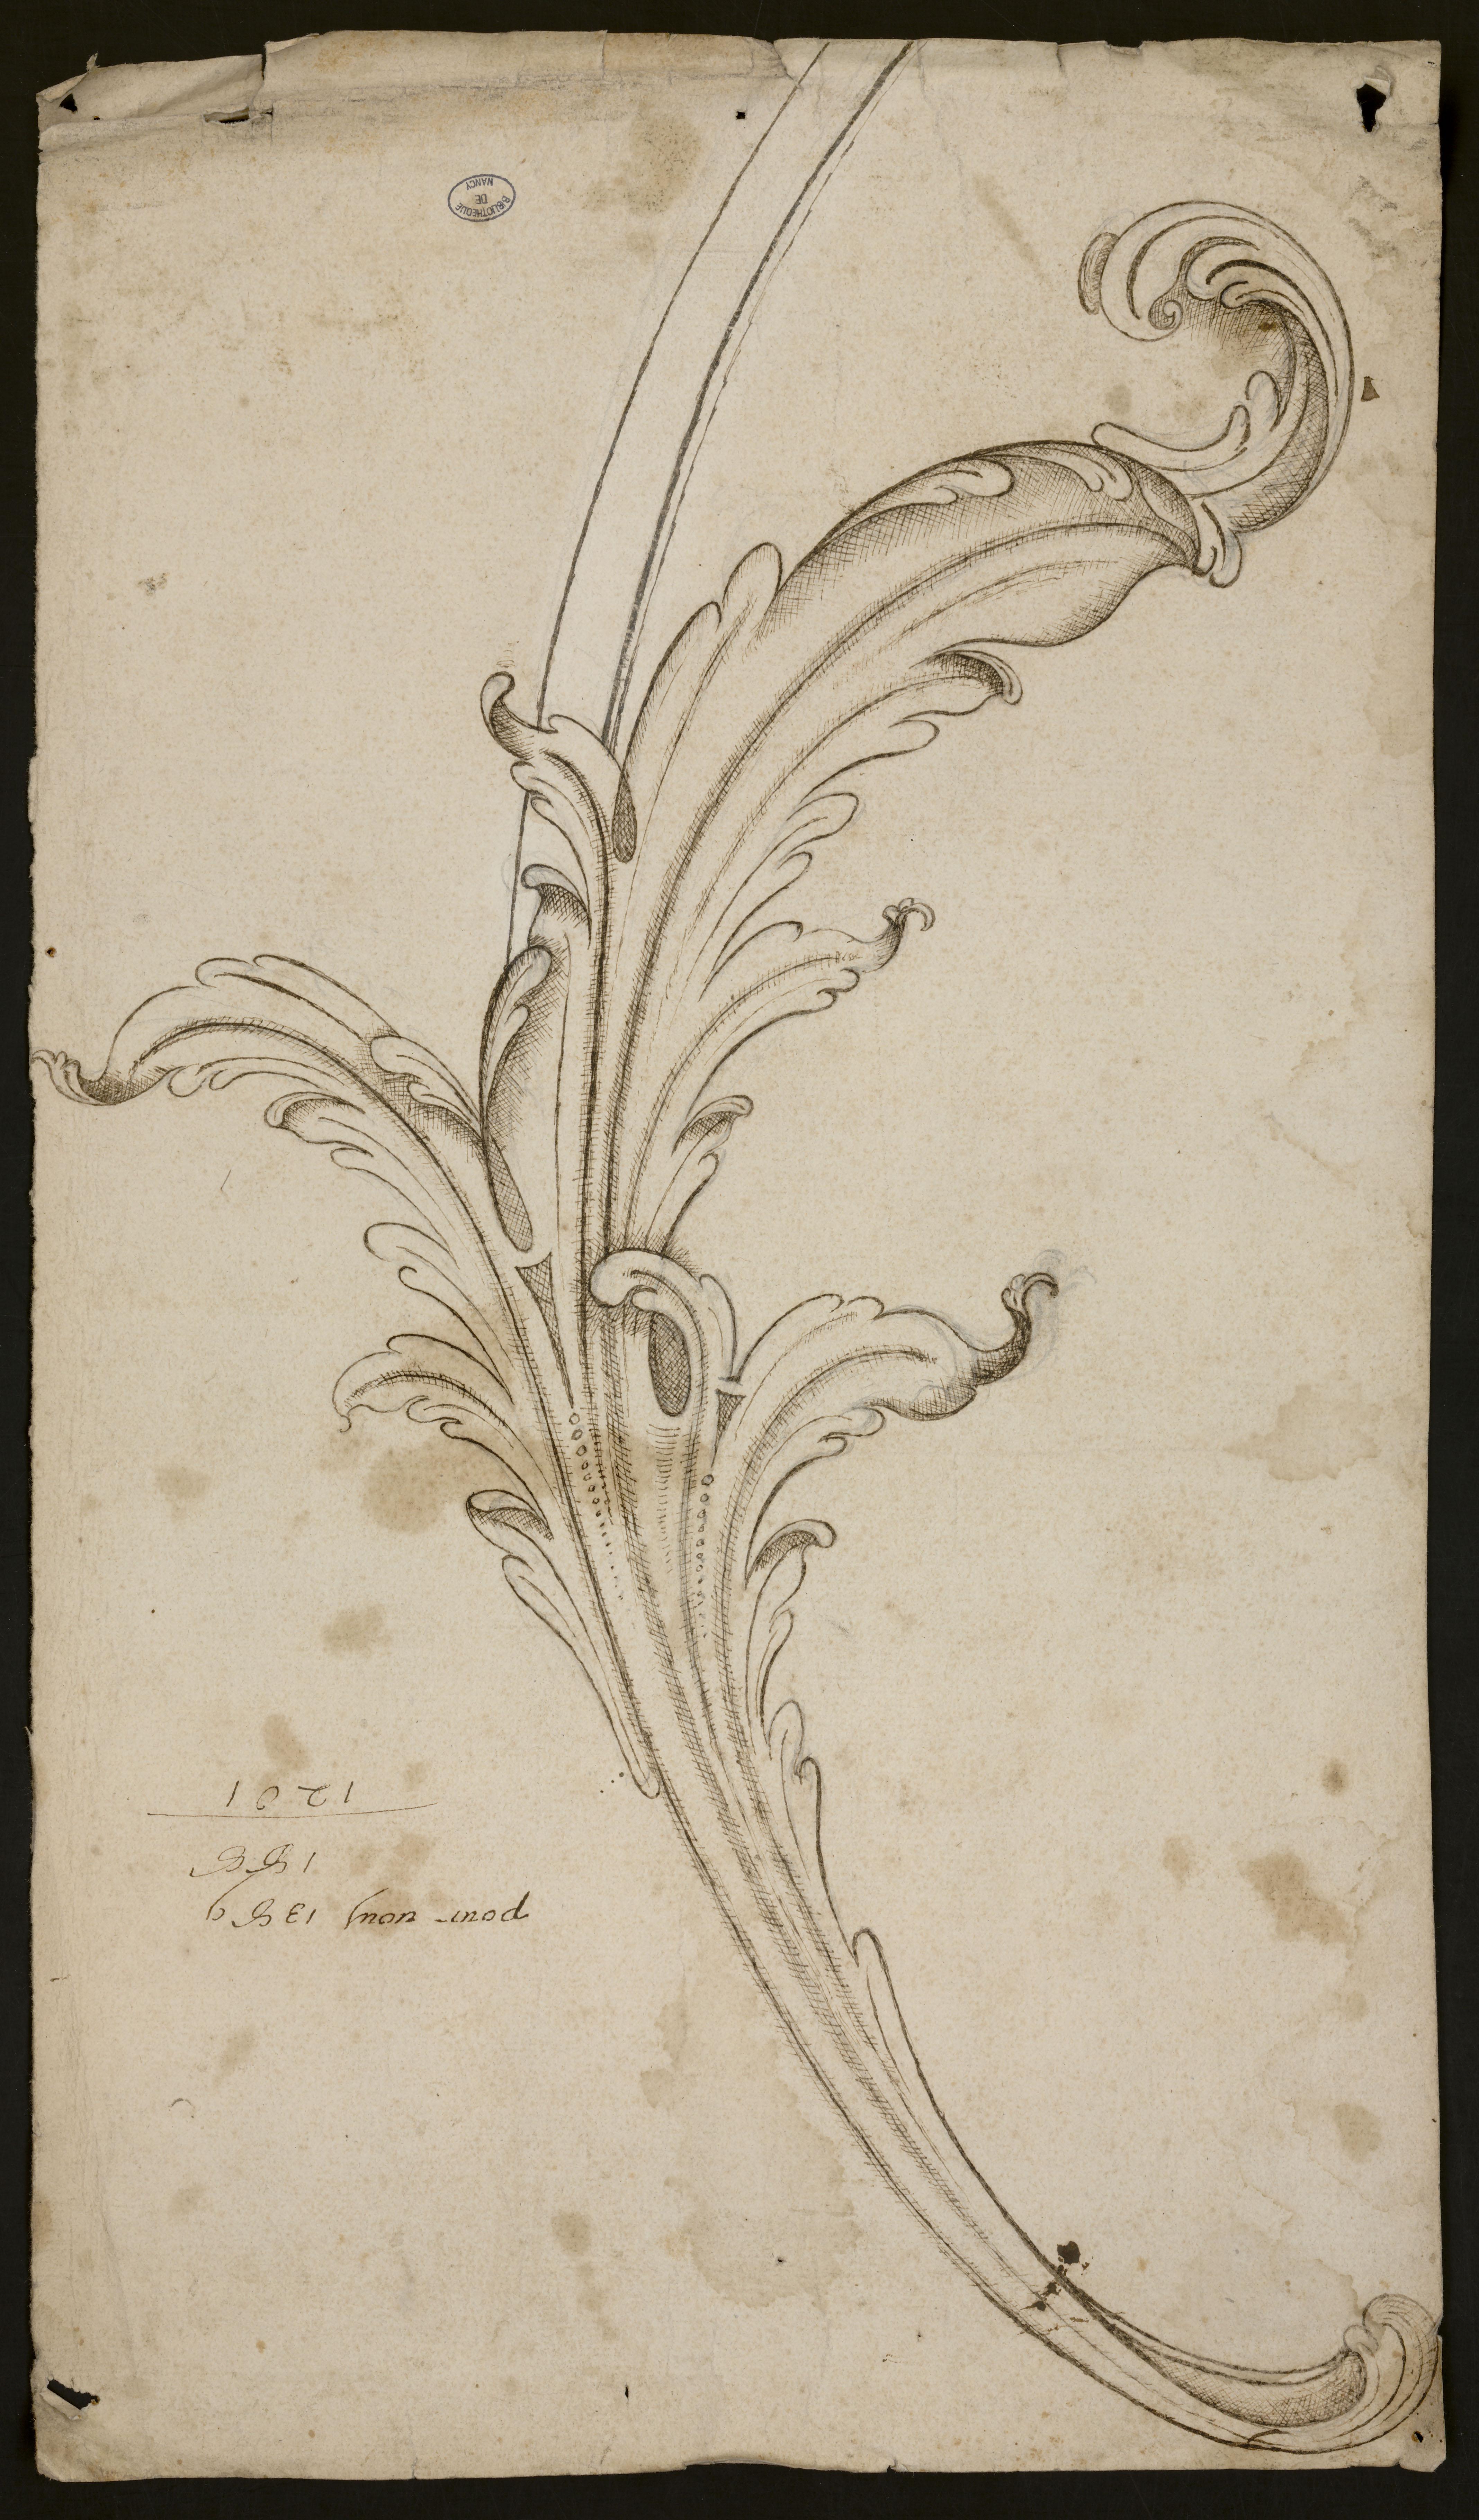 Feuille d'acanthe, modèle pour ferronnerie, attribué à Jean Lamour